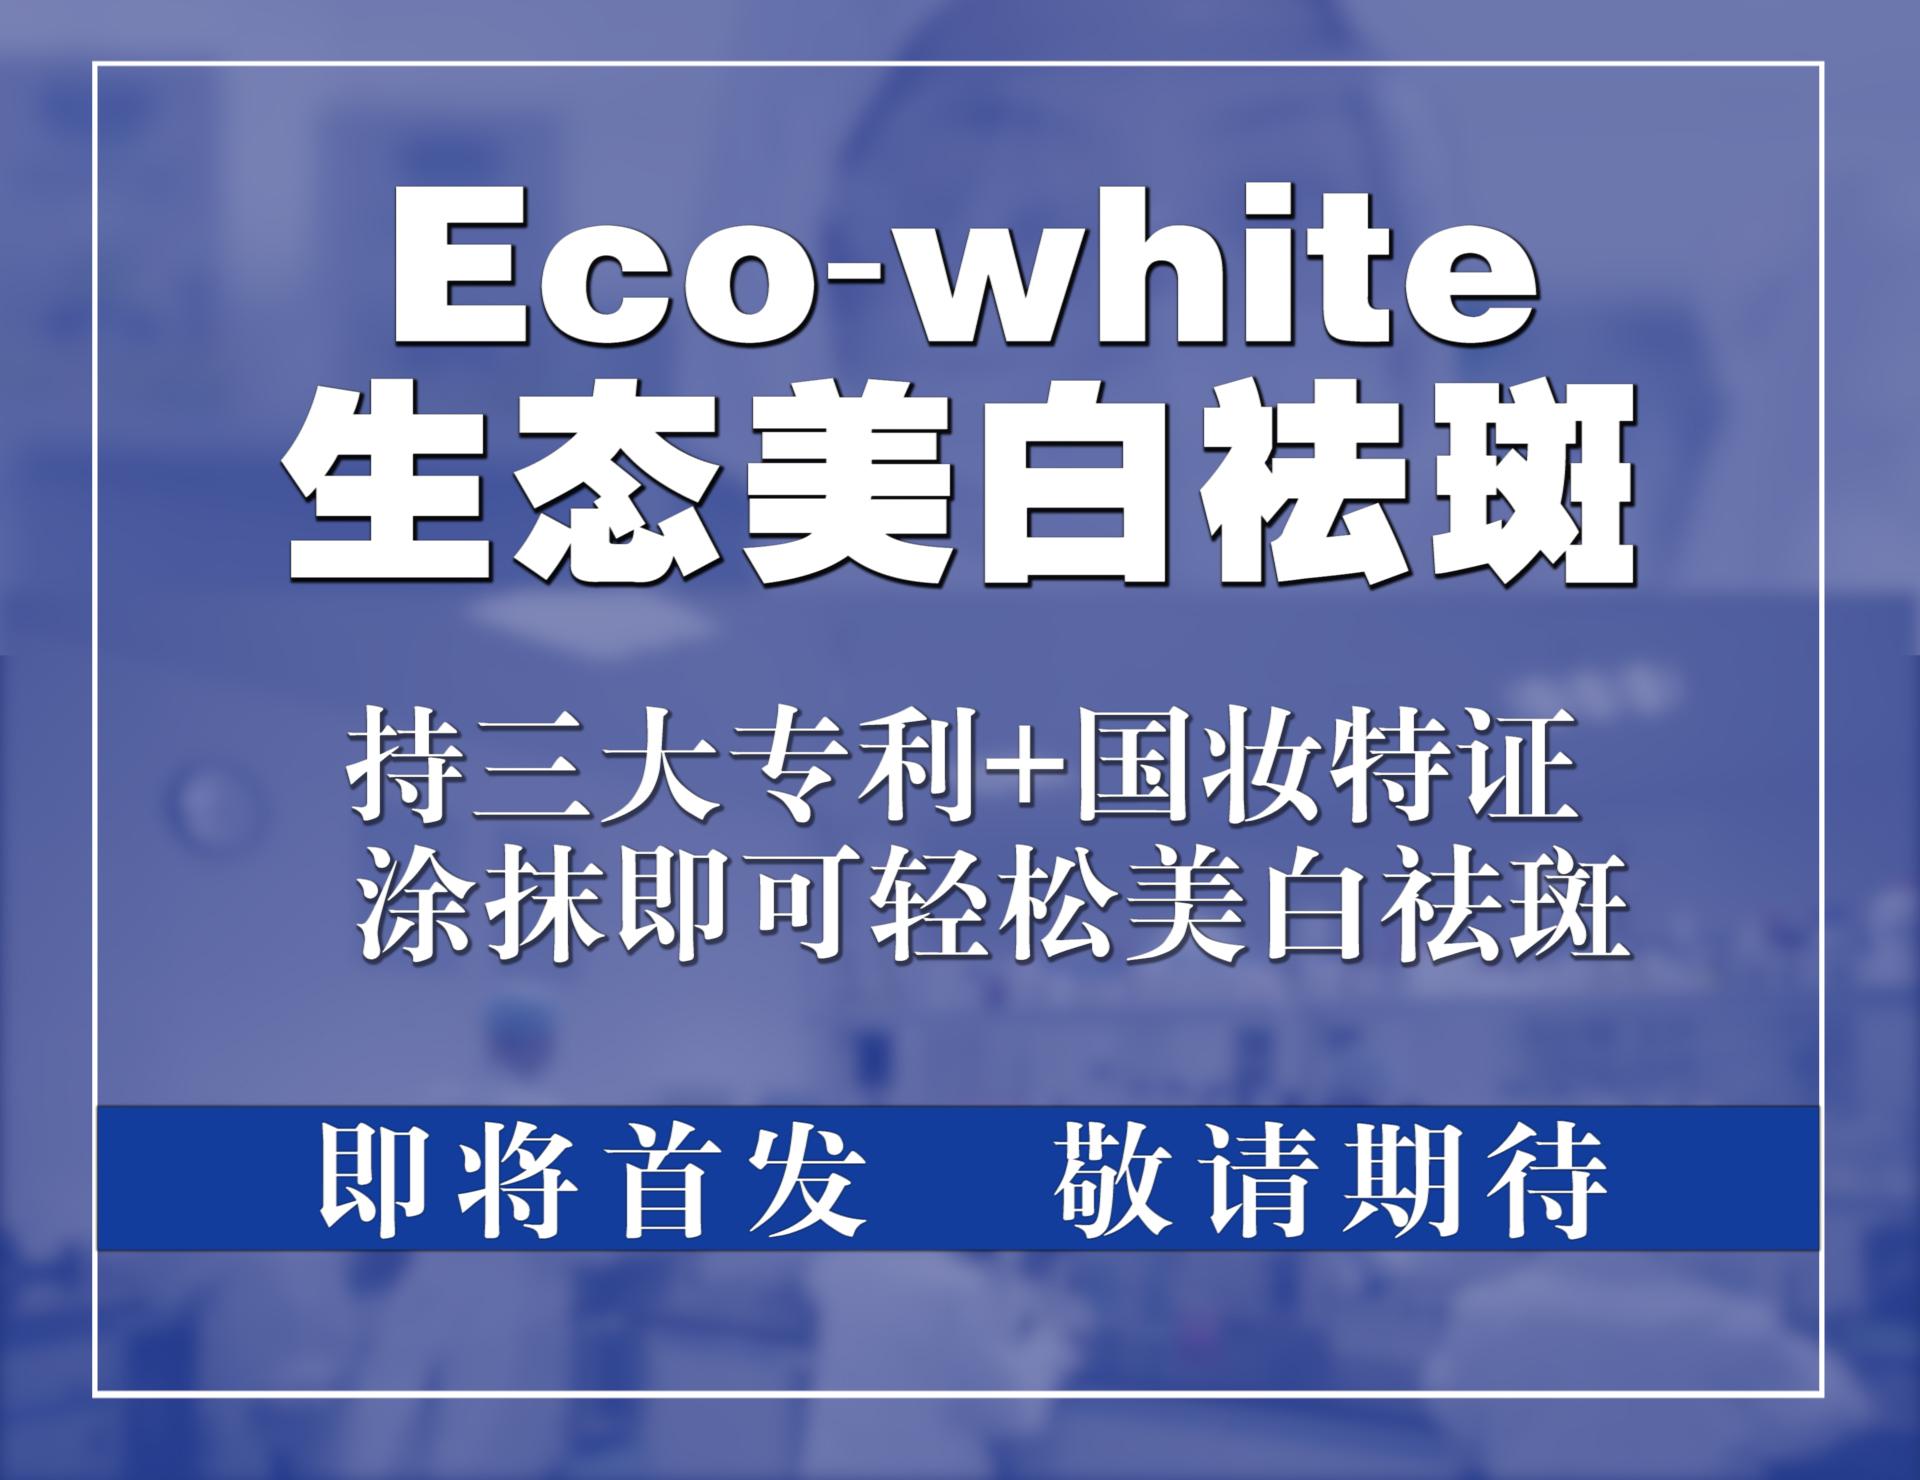 依思佩尔ECO-White生态美白祛斑技术.jpg